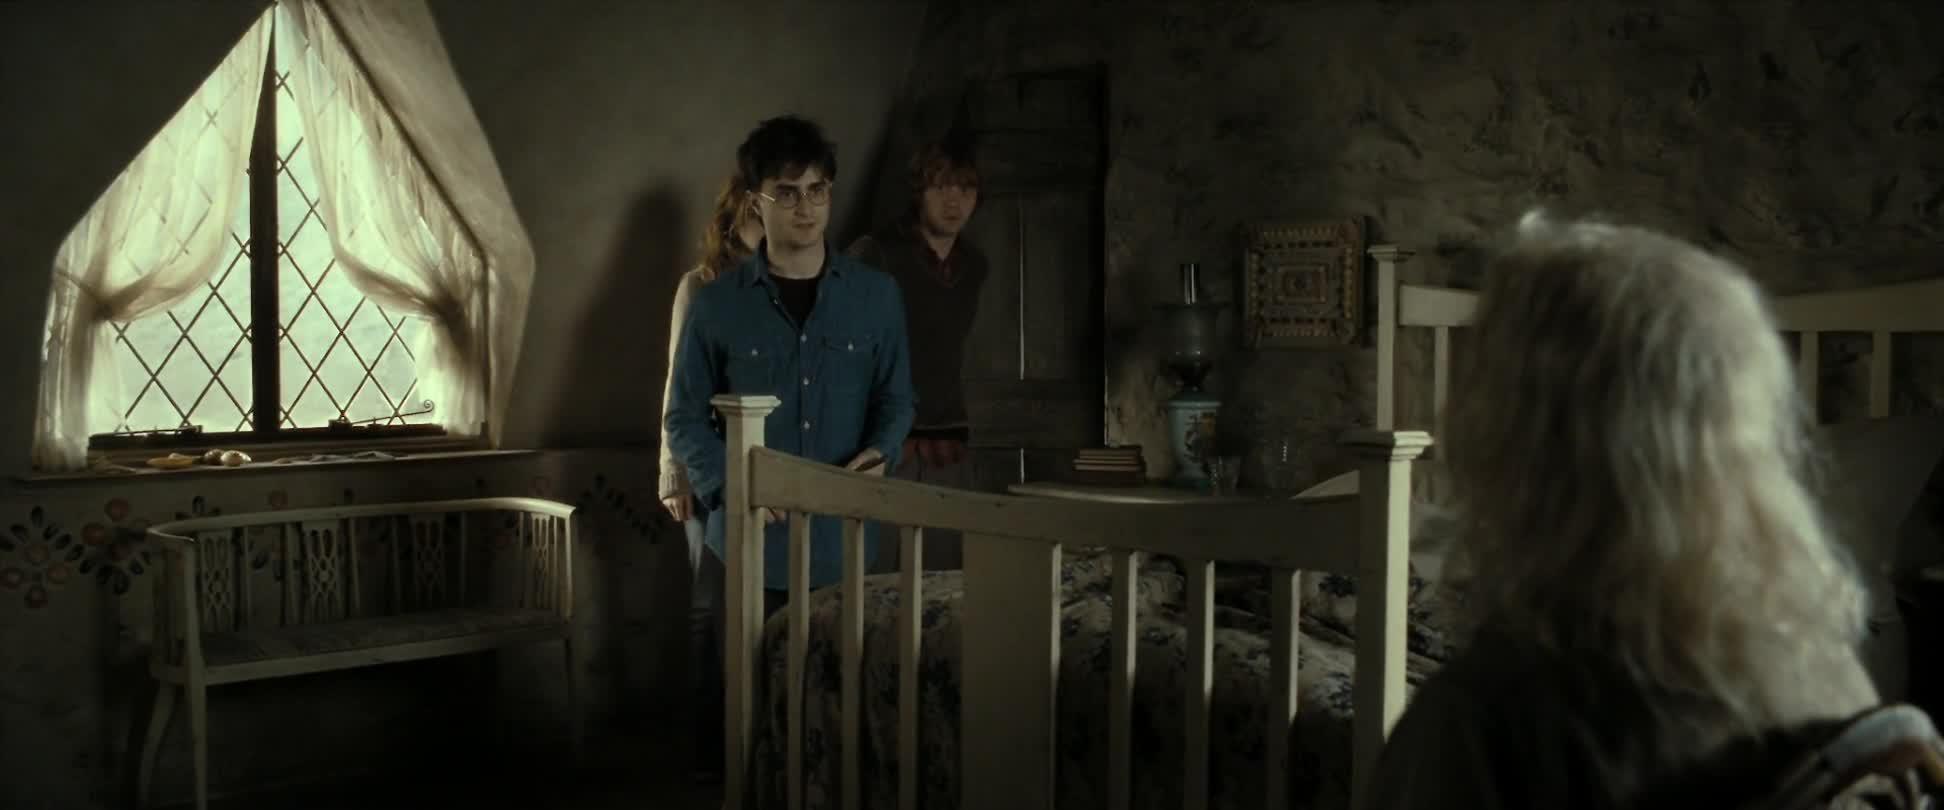 Harry Potter 8 a Relikvie Smrti cast 2 2011 CZ dab